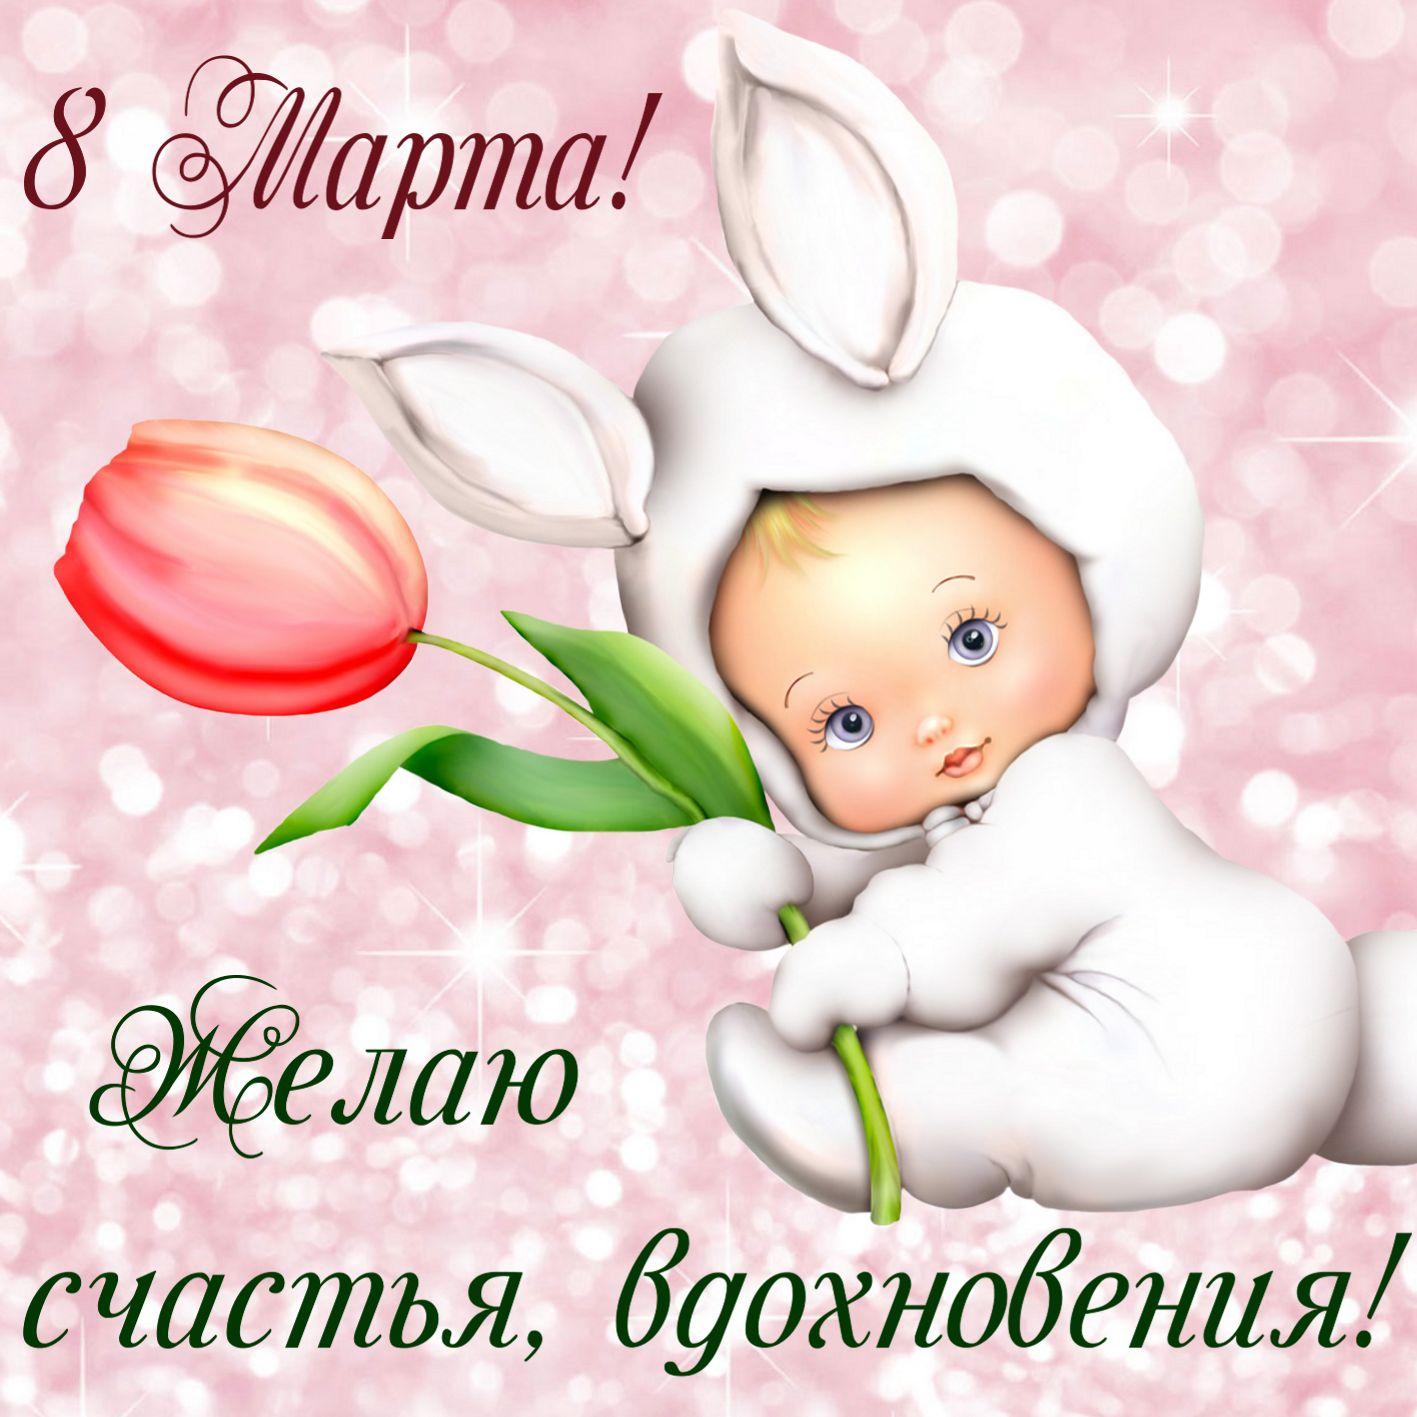 Открытка с 8 марта - малыш в костюме зайчика с тюльпаном